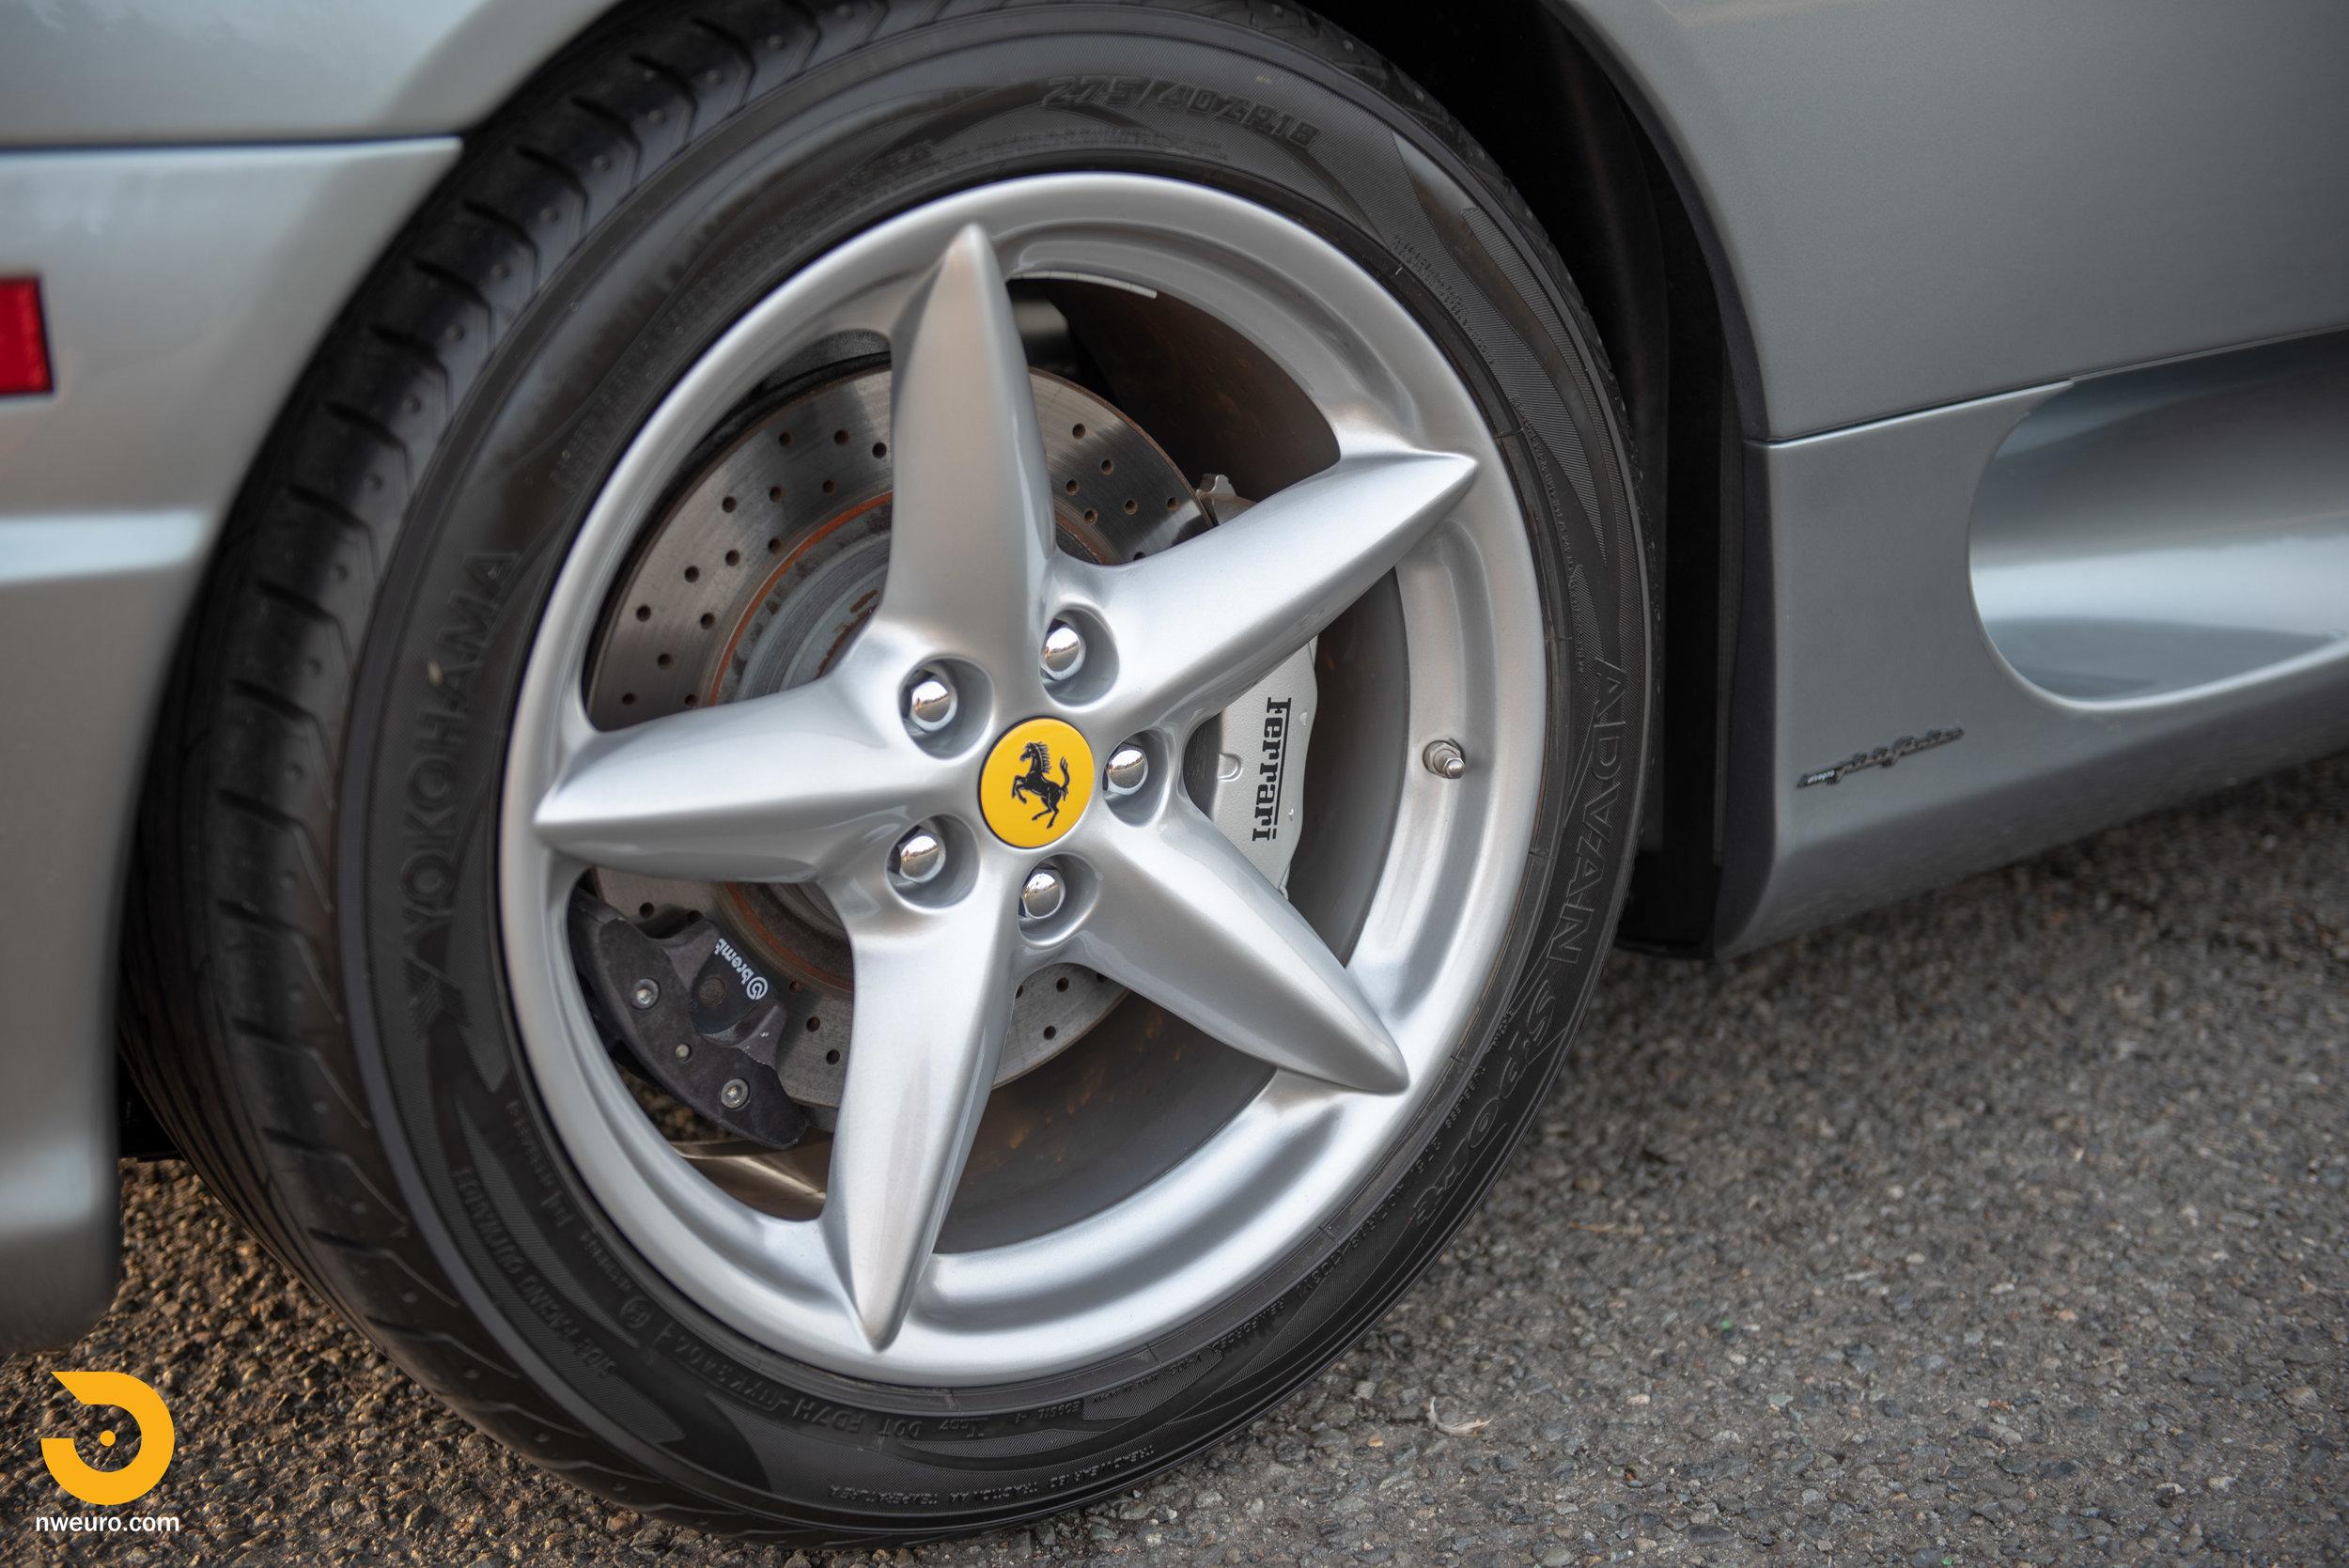 2001 Ferrari 360 Spider-20.jpg